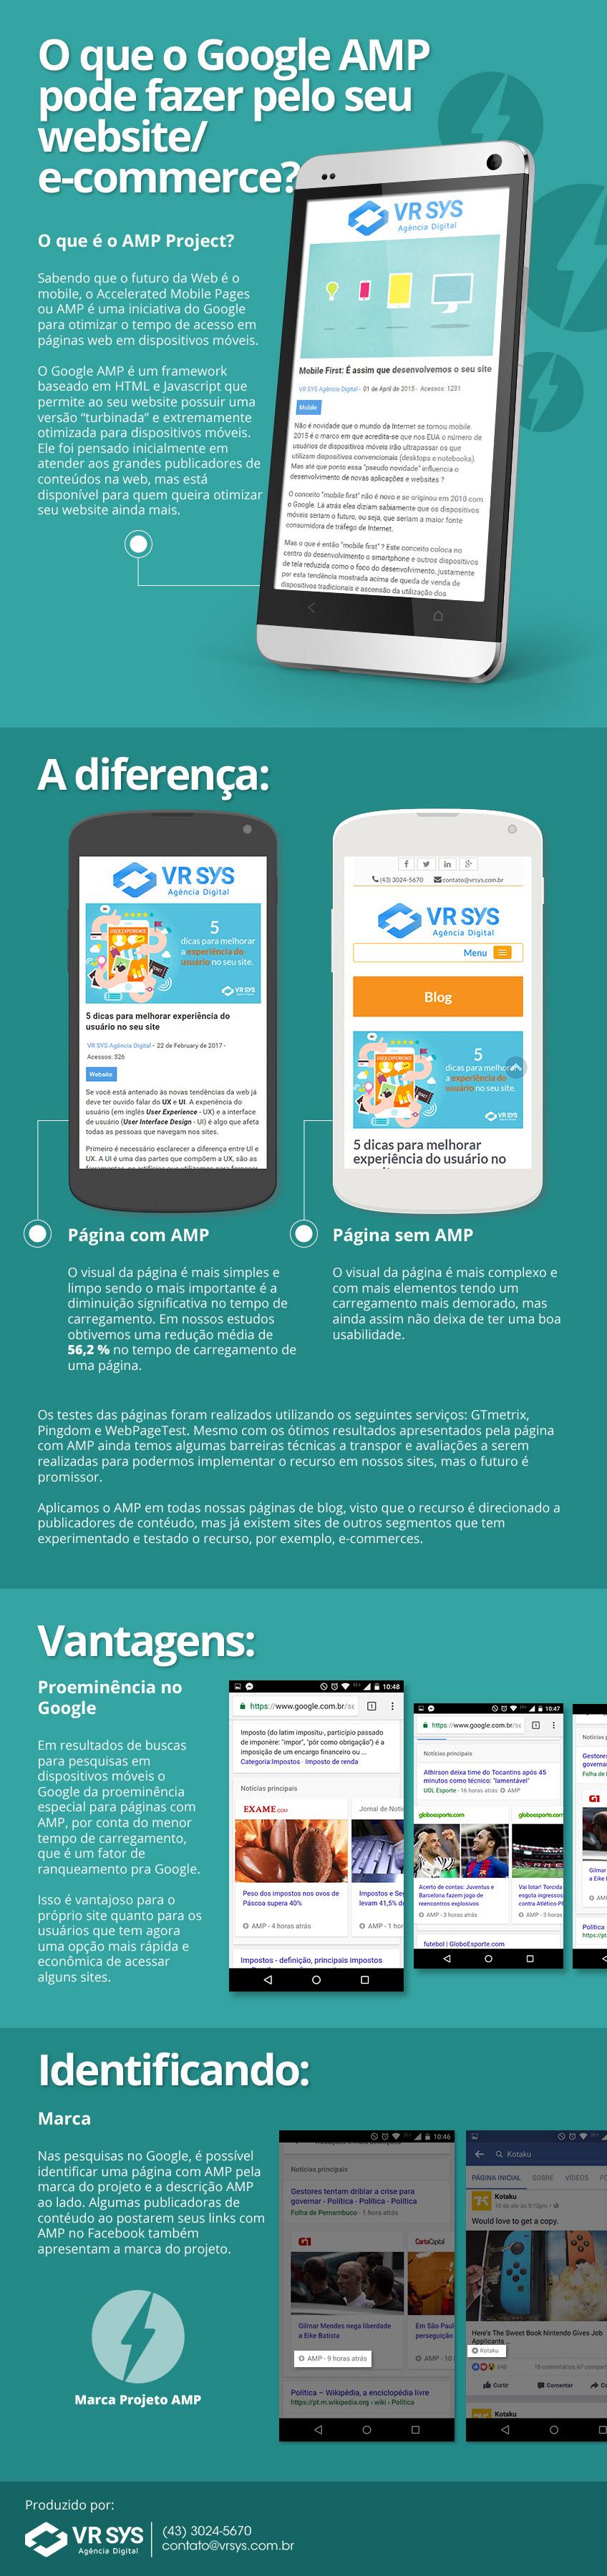 O que o Google AMP pode fazer pelo seu website/e-commerce